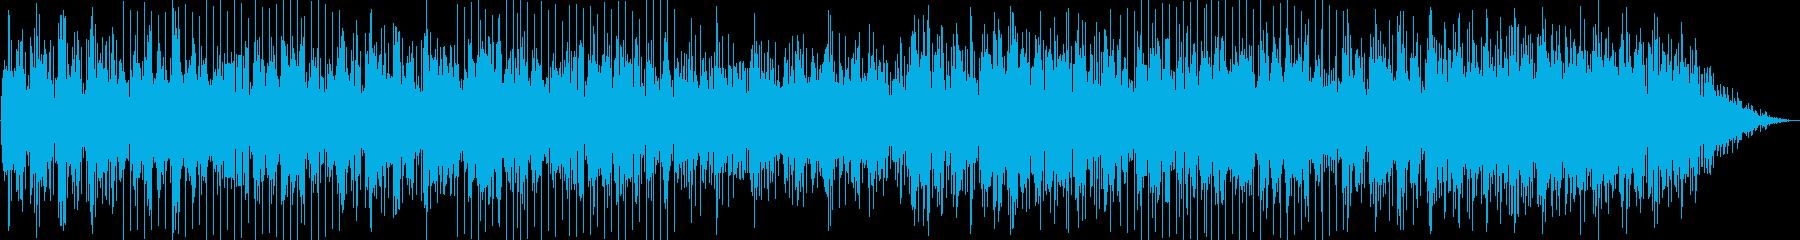 ウェザーチャンネル/トラベルチャン...の再生済みの波形